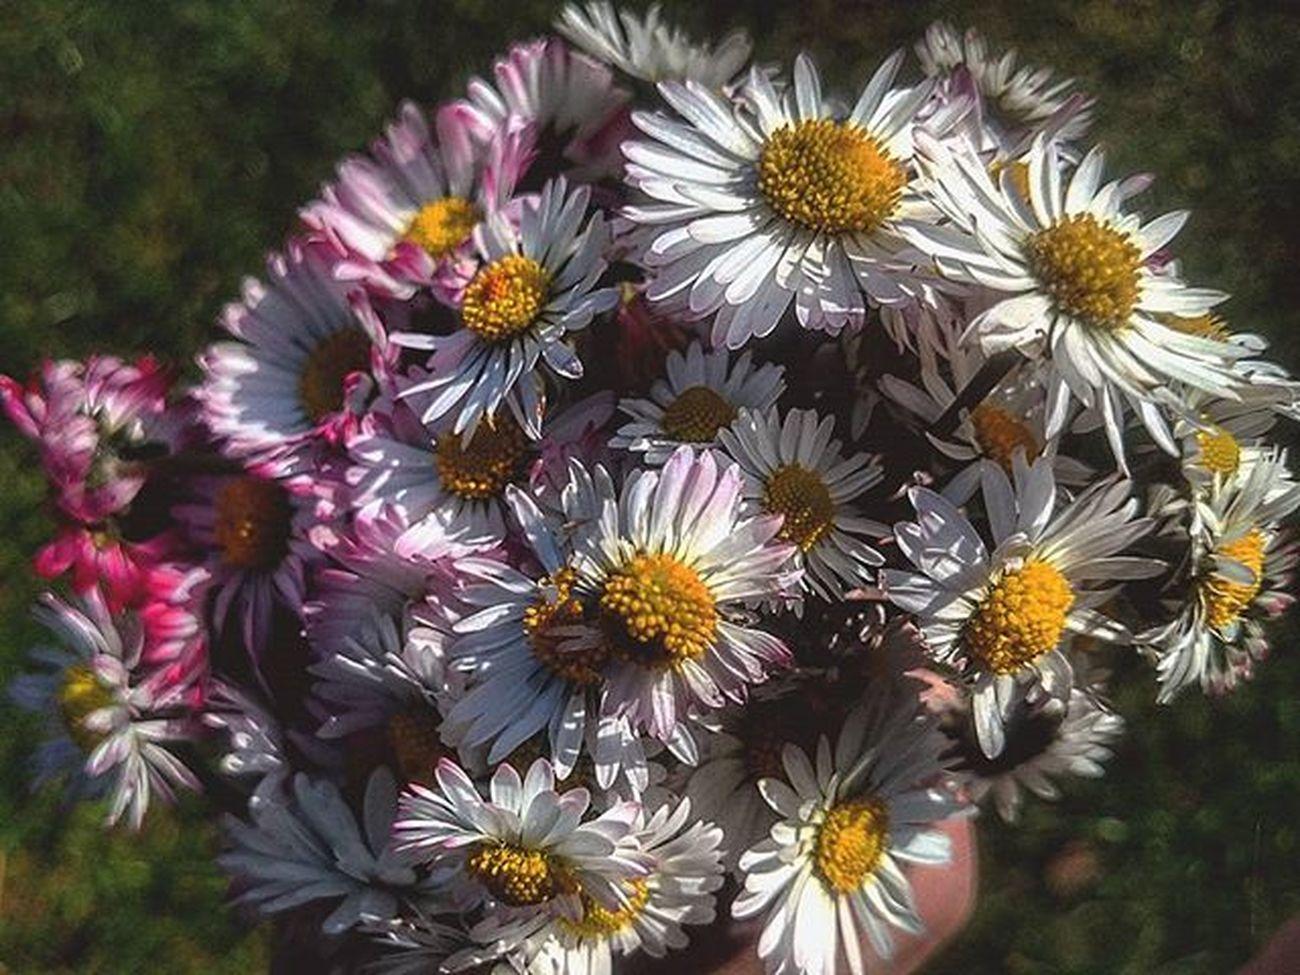 💐🌸💐🌸💐 Stokrotka Stokrotki Wiosna Bukiet Kwiaty Daisies Daisy Spring Bouquet Flowers